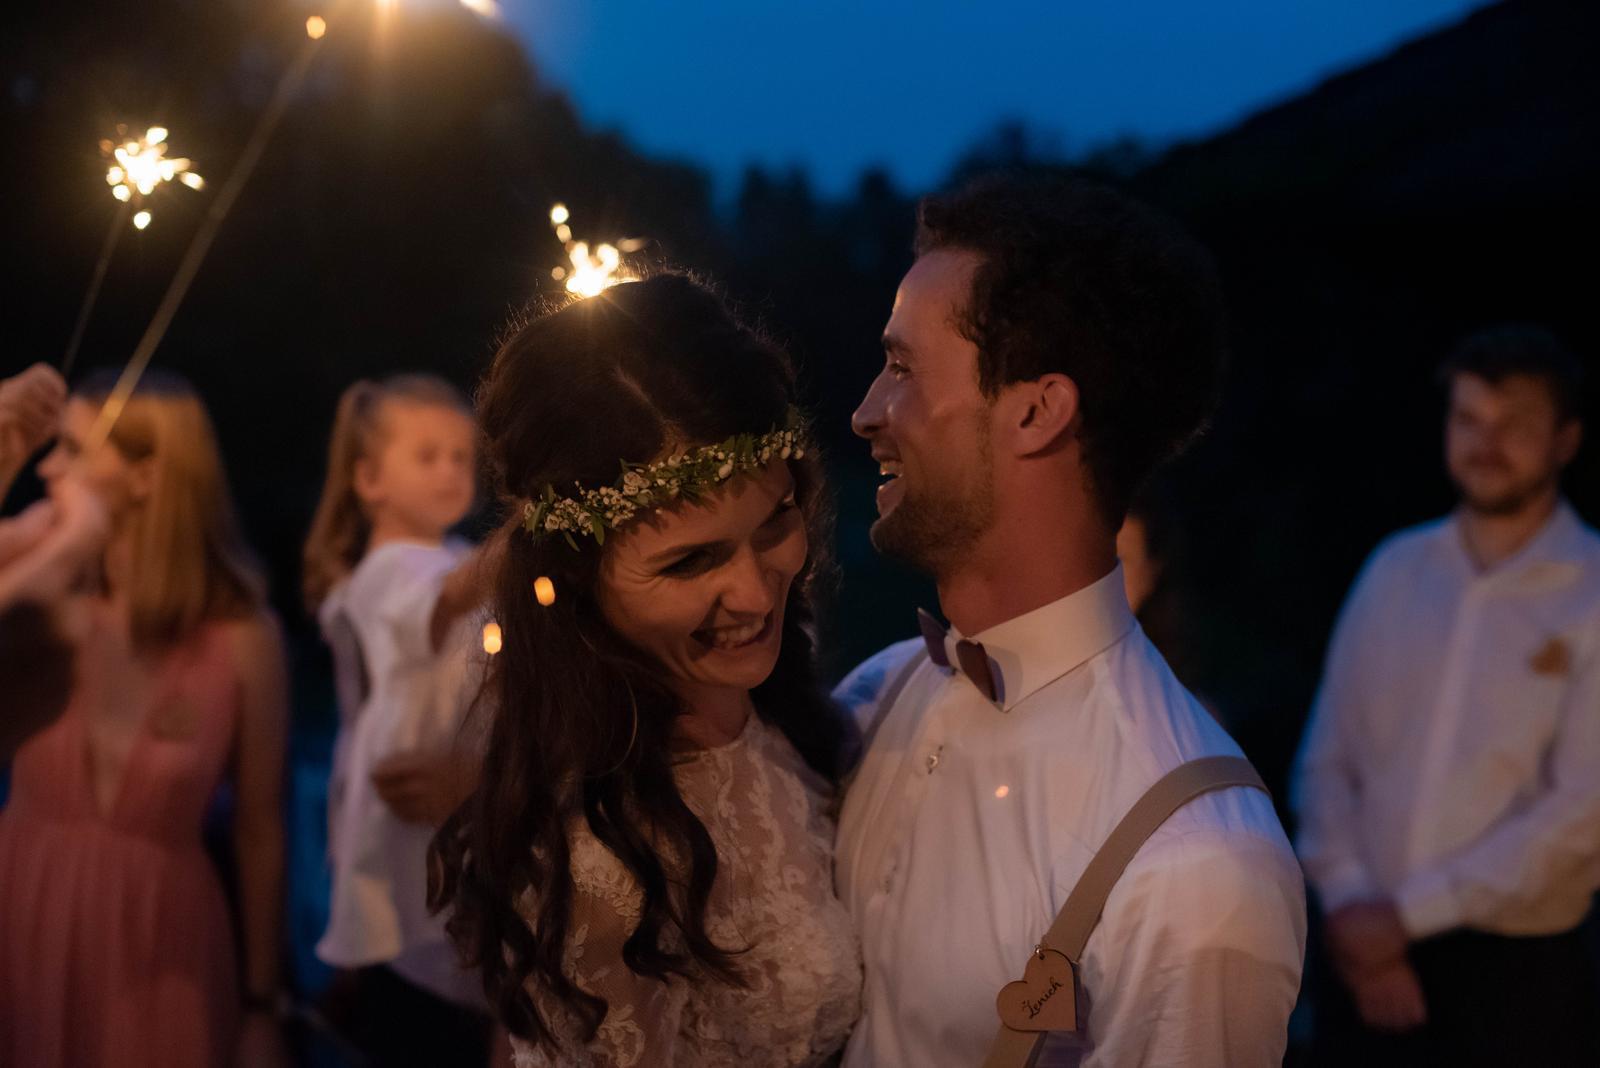 Nabízím celodenní svatební focení... - Obrázek č. 2